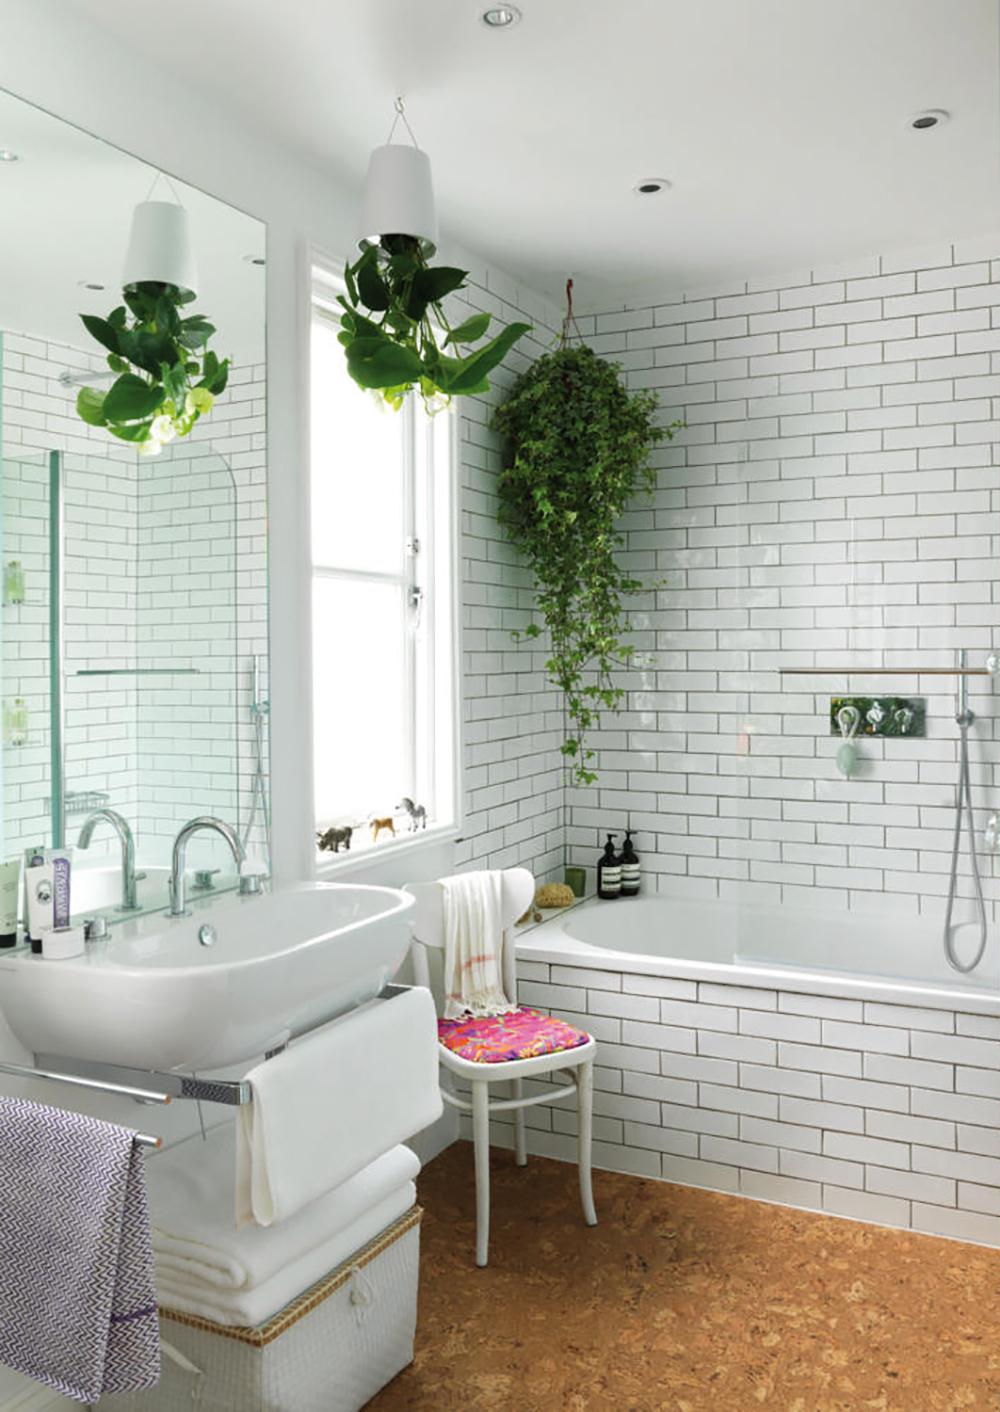 Növények a fürdőszobában - Ezermester 2017/6